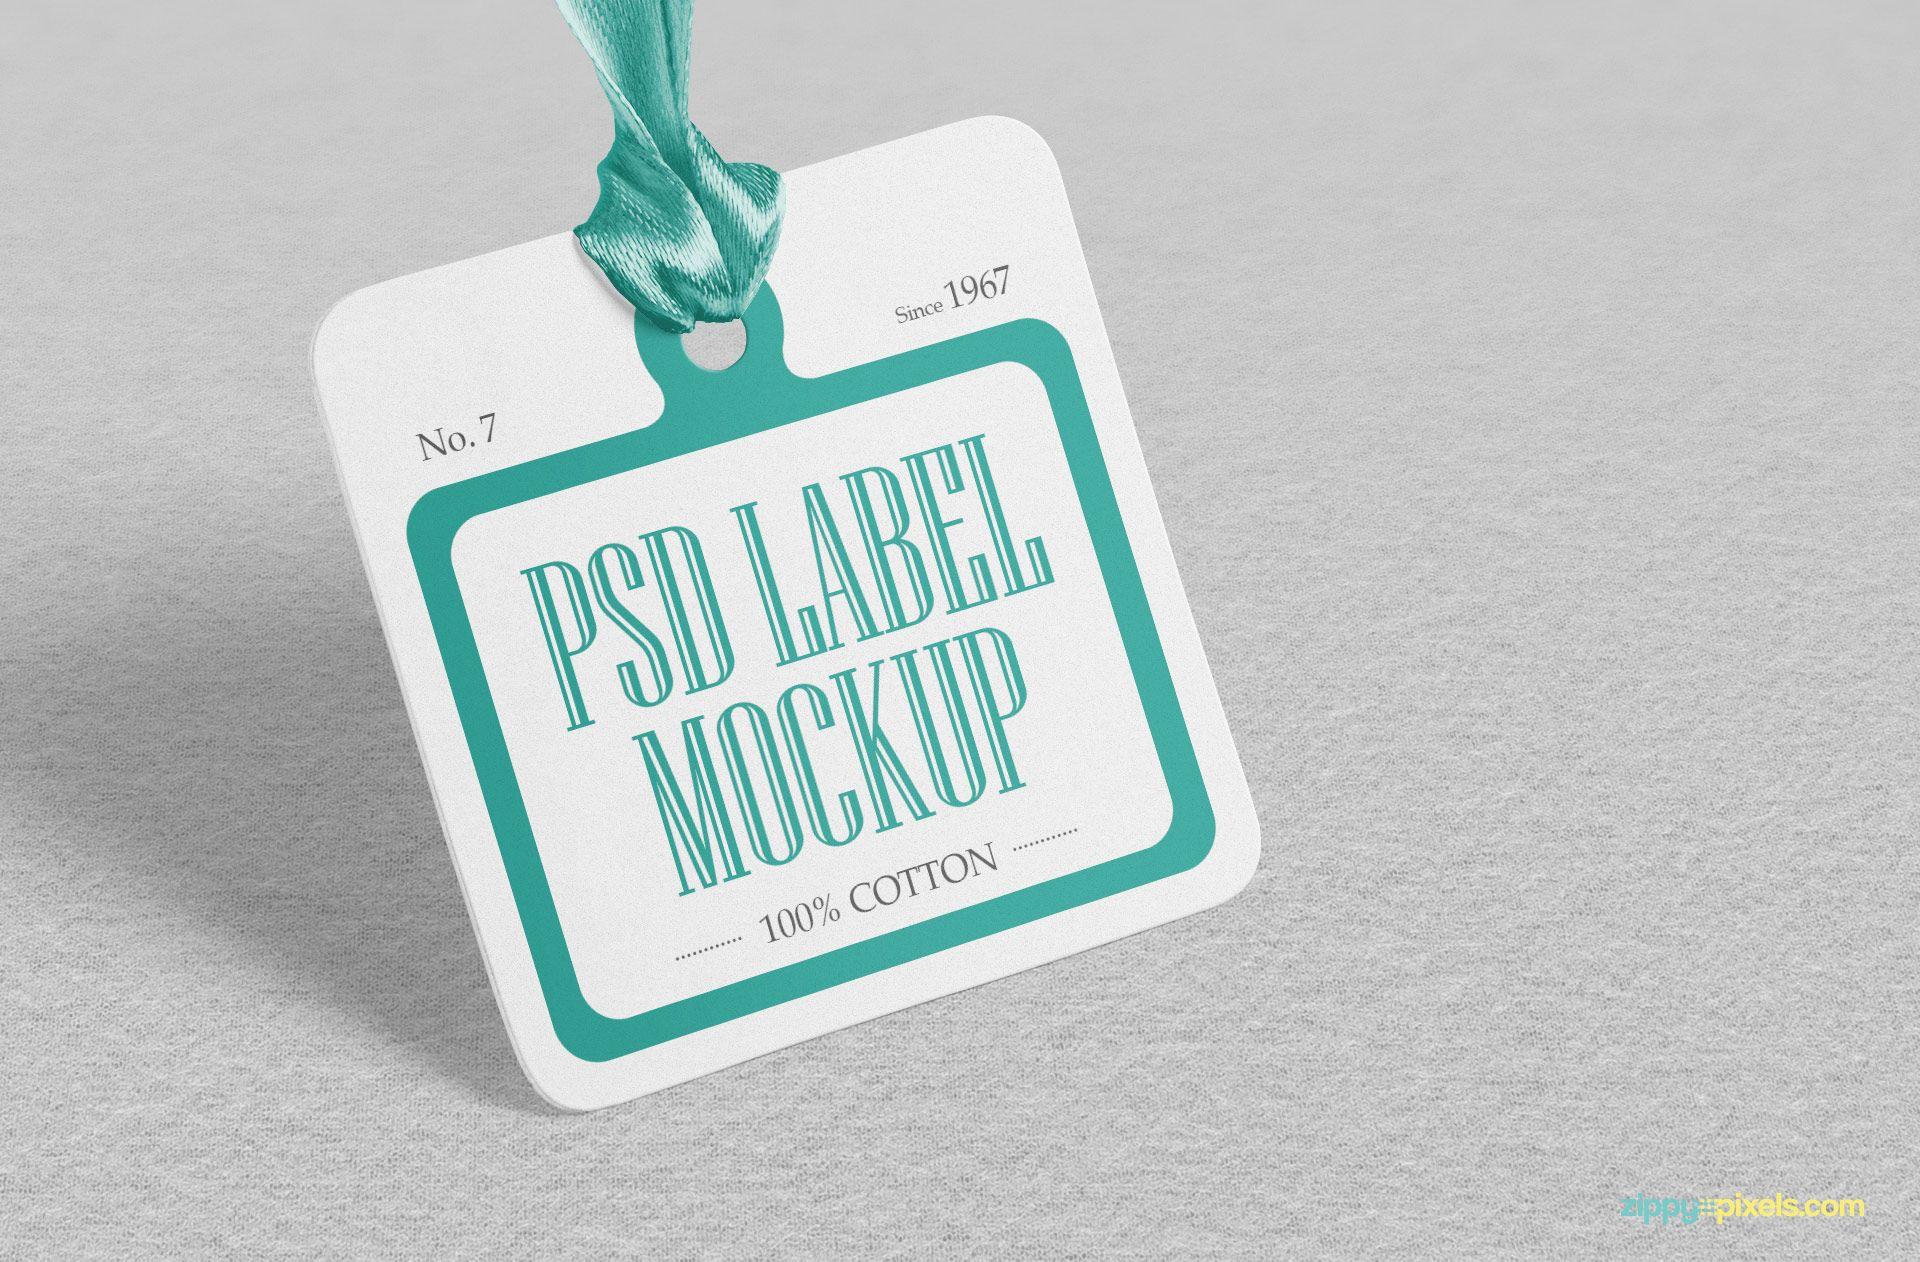 Download Free Cloth Tag Mockup Psd Zippypixels Mockup Template Free Mockup Templates Tag Design